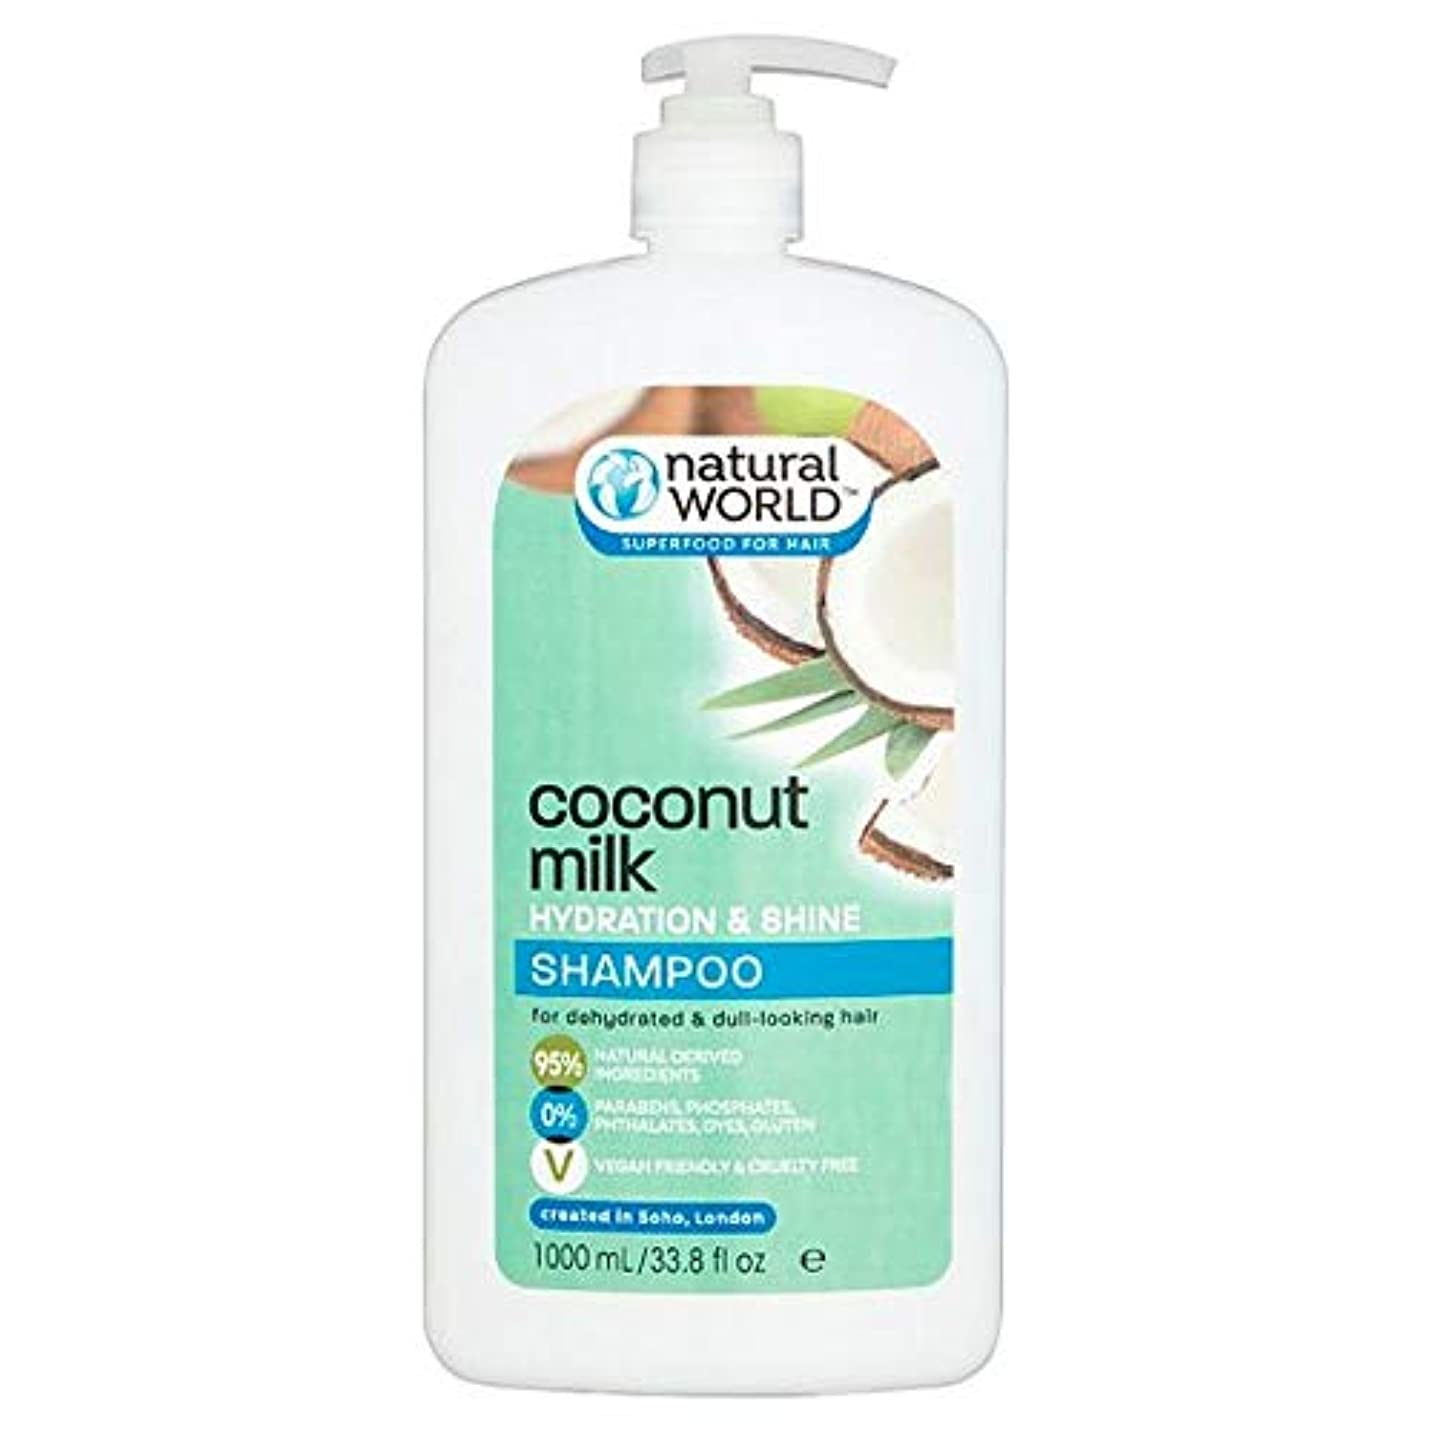 ジョージエリオットスリーブ差別化する[Natural World ] 自然界ココナッツウォーターシャンプー千ミリリットル - Natural World Coconut Water Shampoo 1000Ml [並行輸入品]